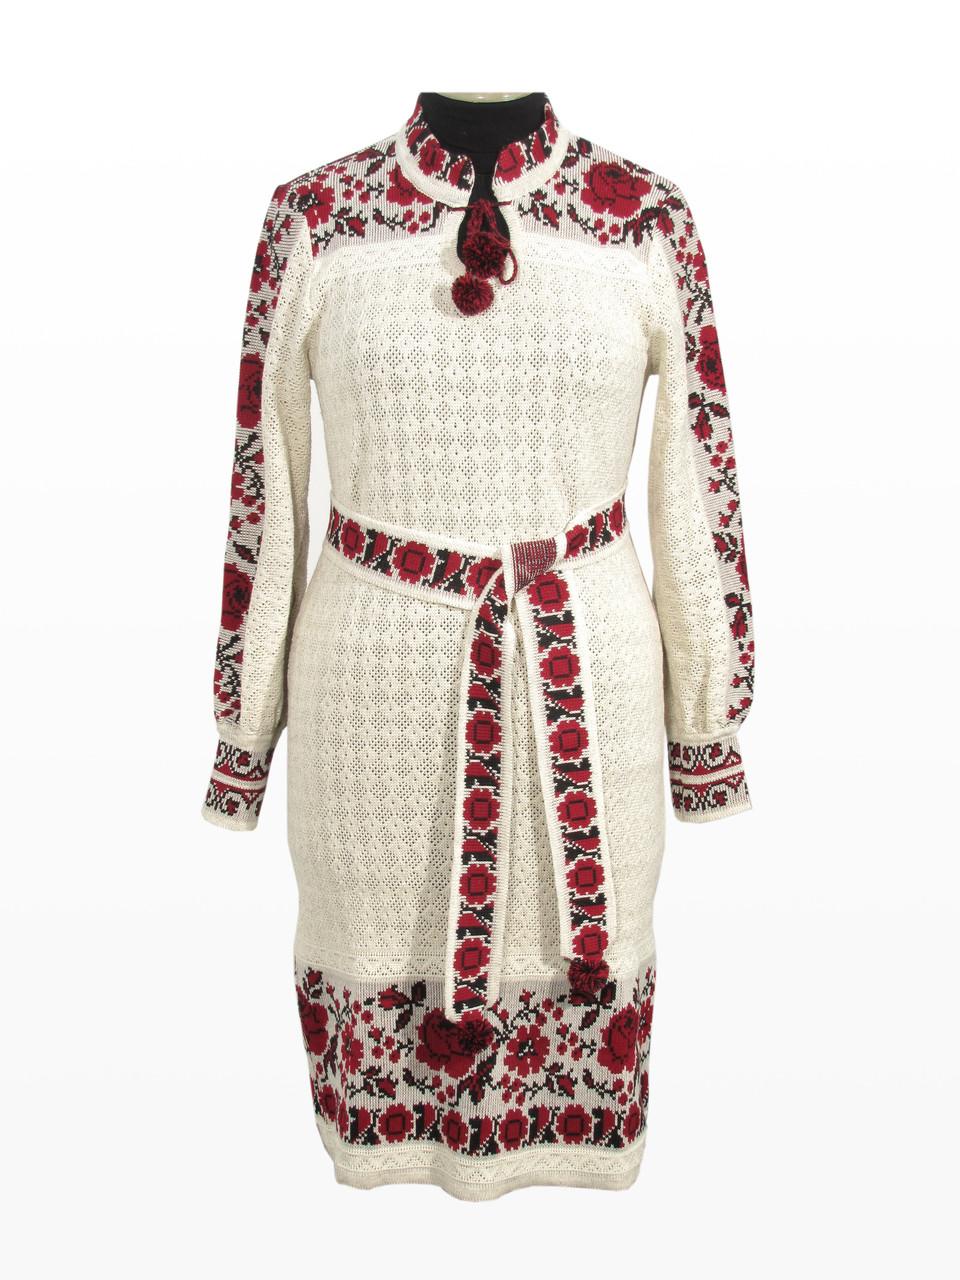 Вязаное платье Роза с бутоном красная в2